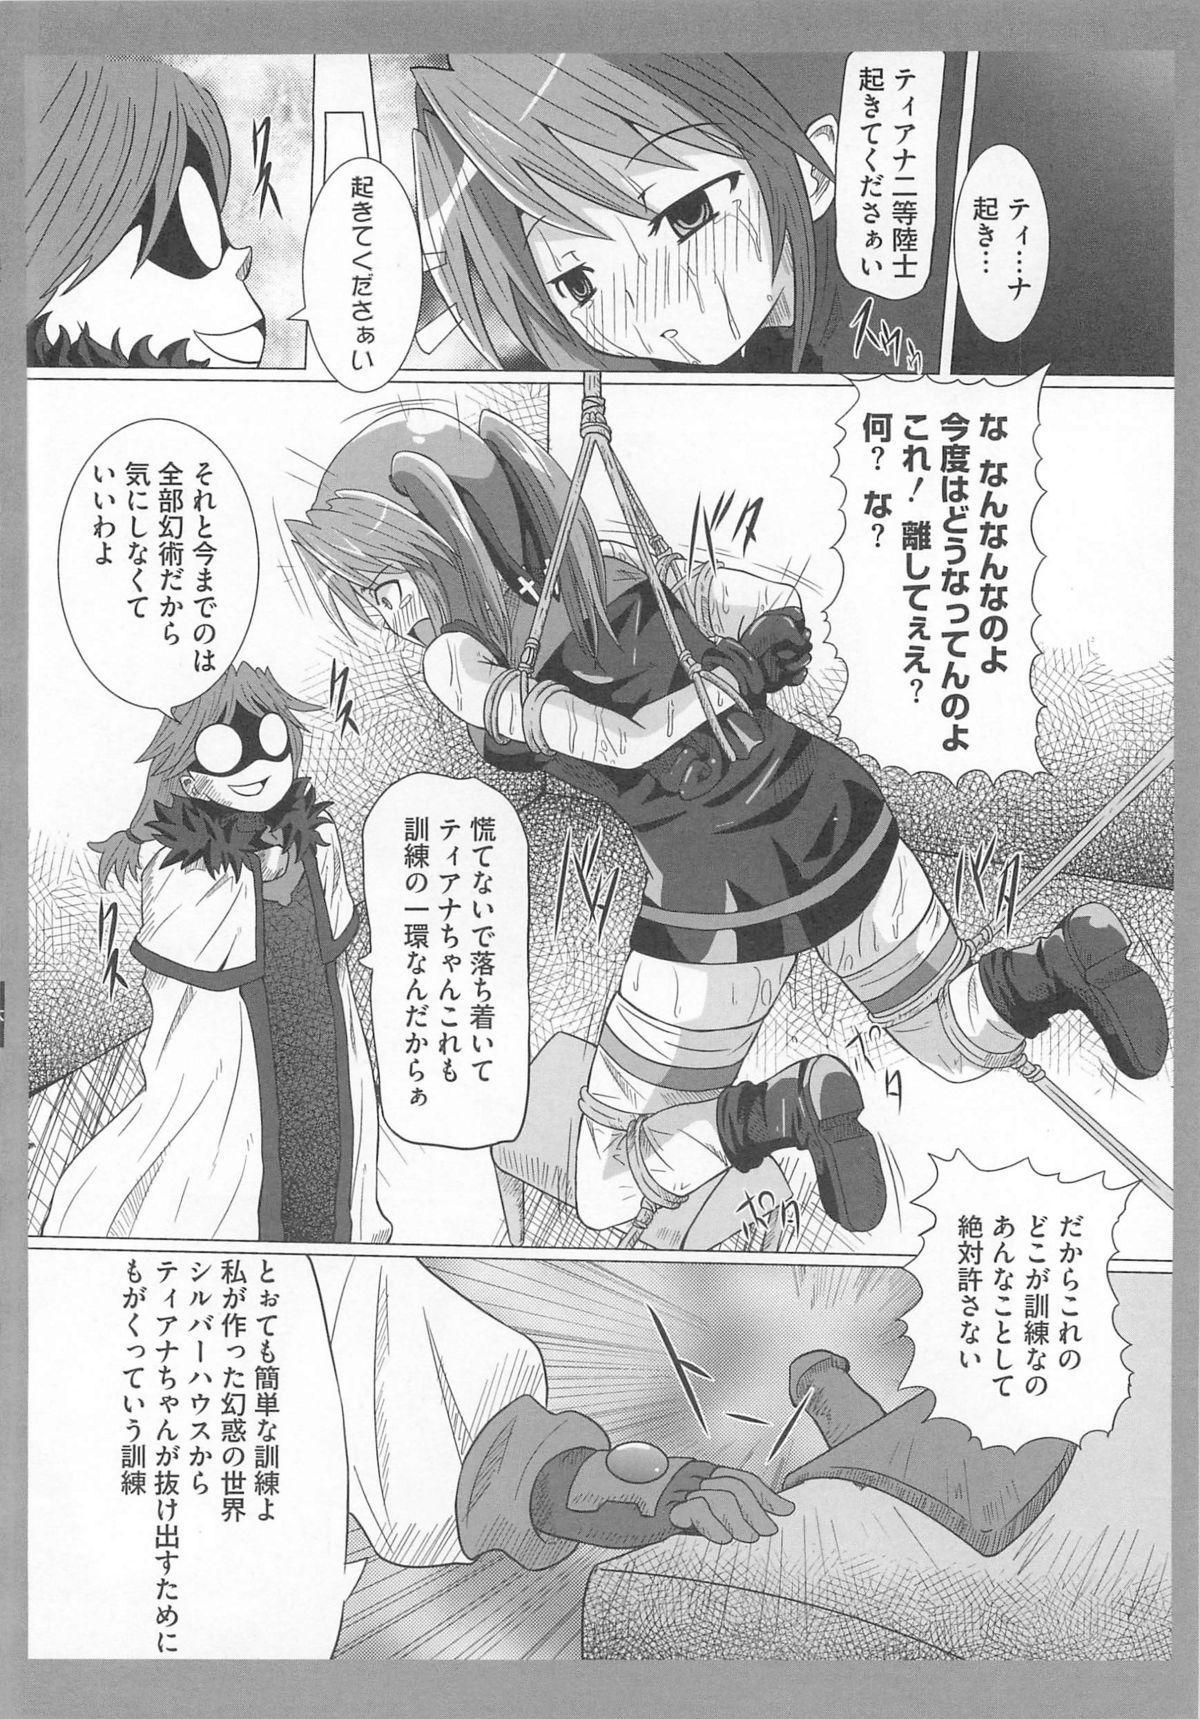 Mohou Shoujo NanoFei to Shokushu 97